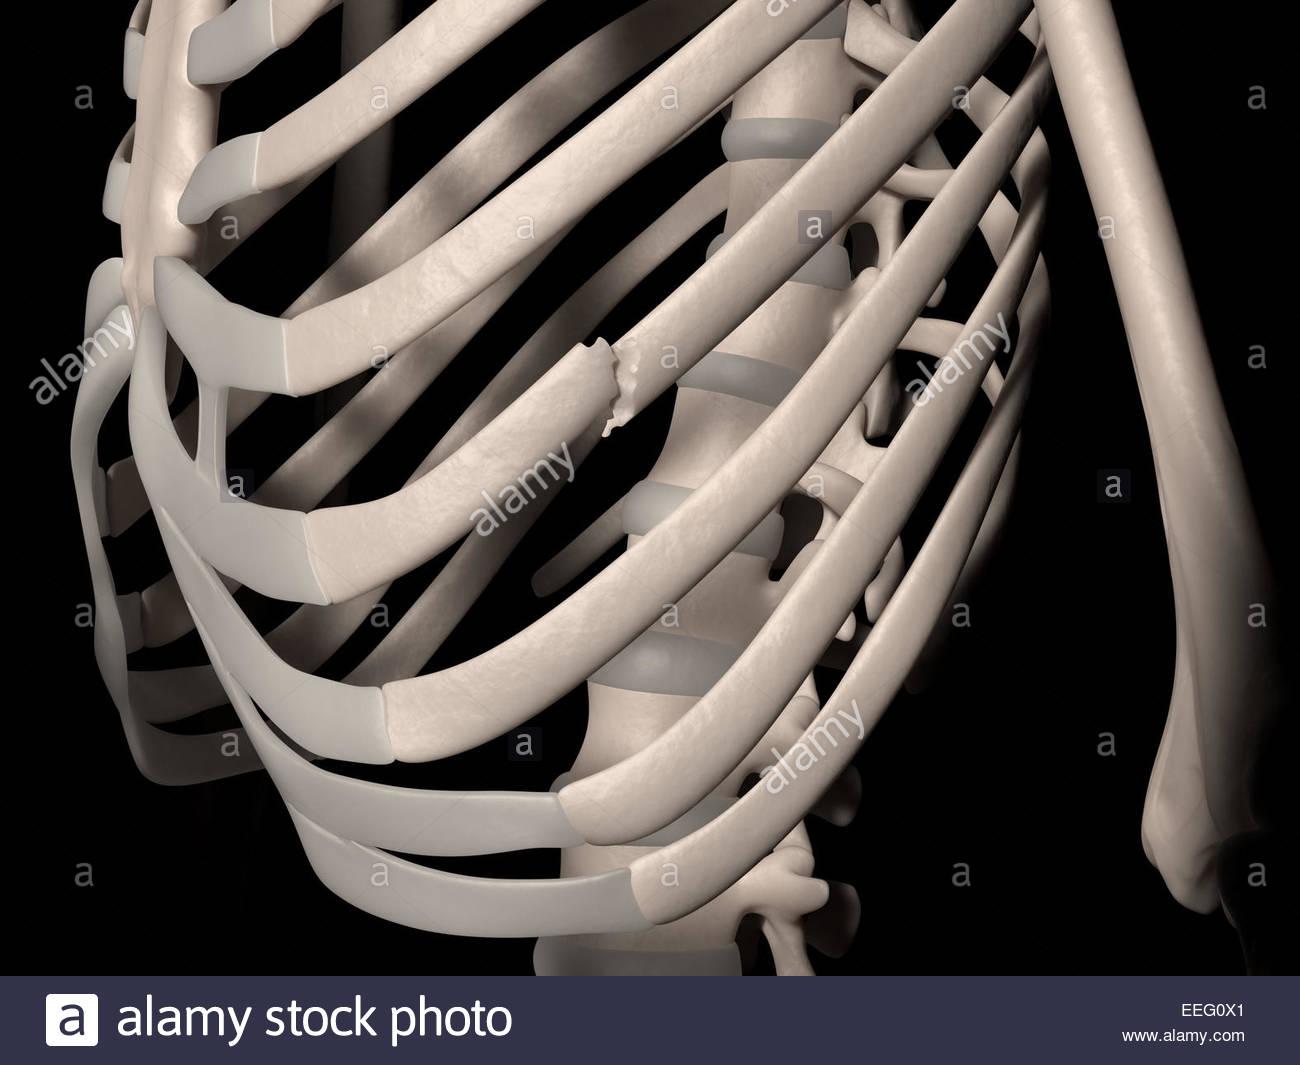 Medico digitale illustrazione raffigurante una frattura della costola 7 (vero costola e nervatura vertebrosternal, Immagini Stock